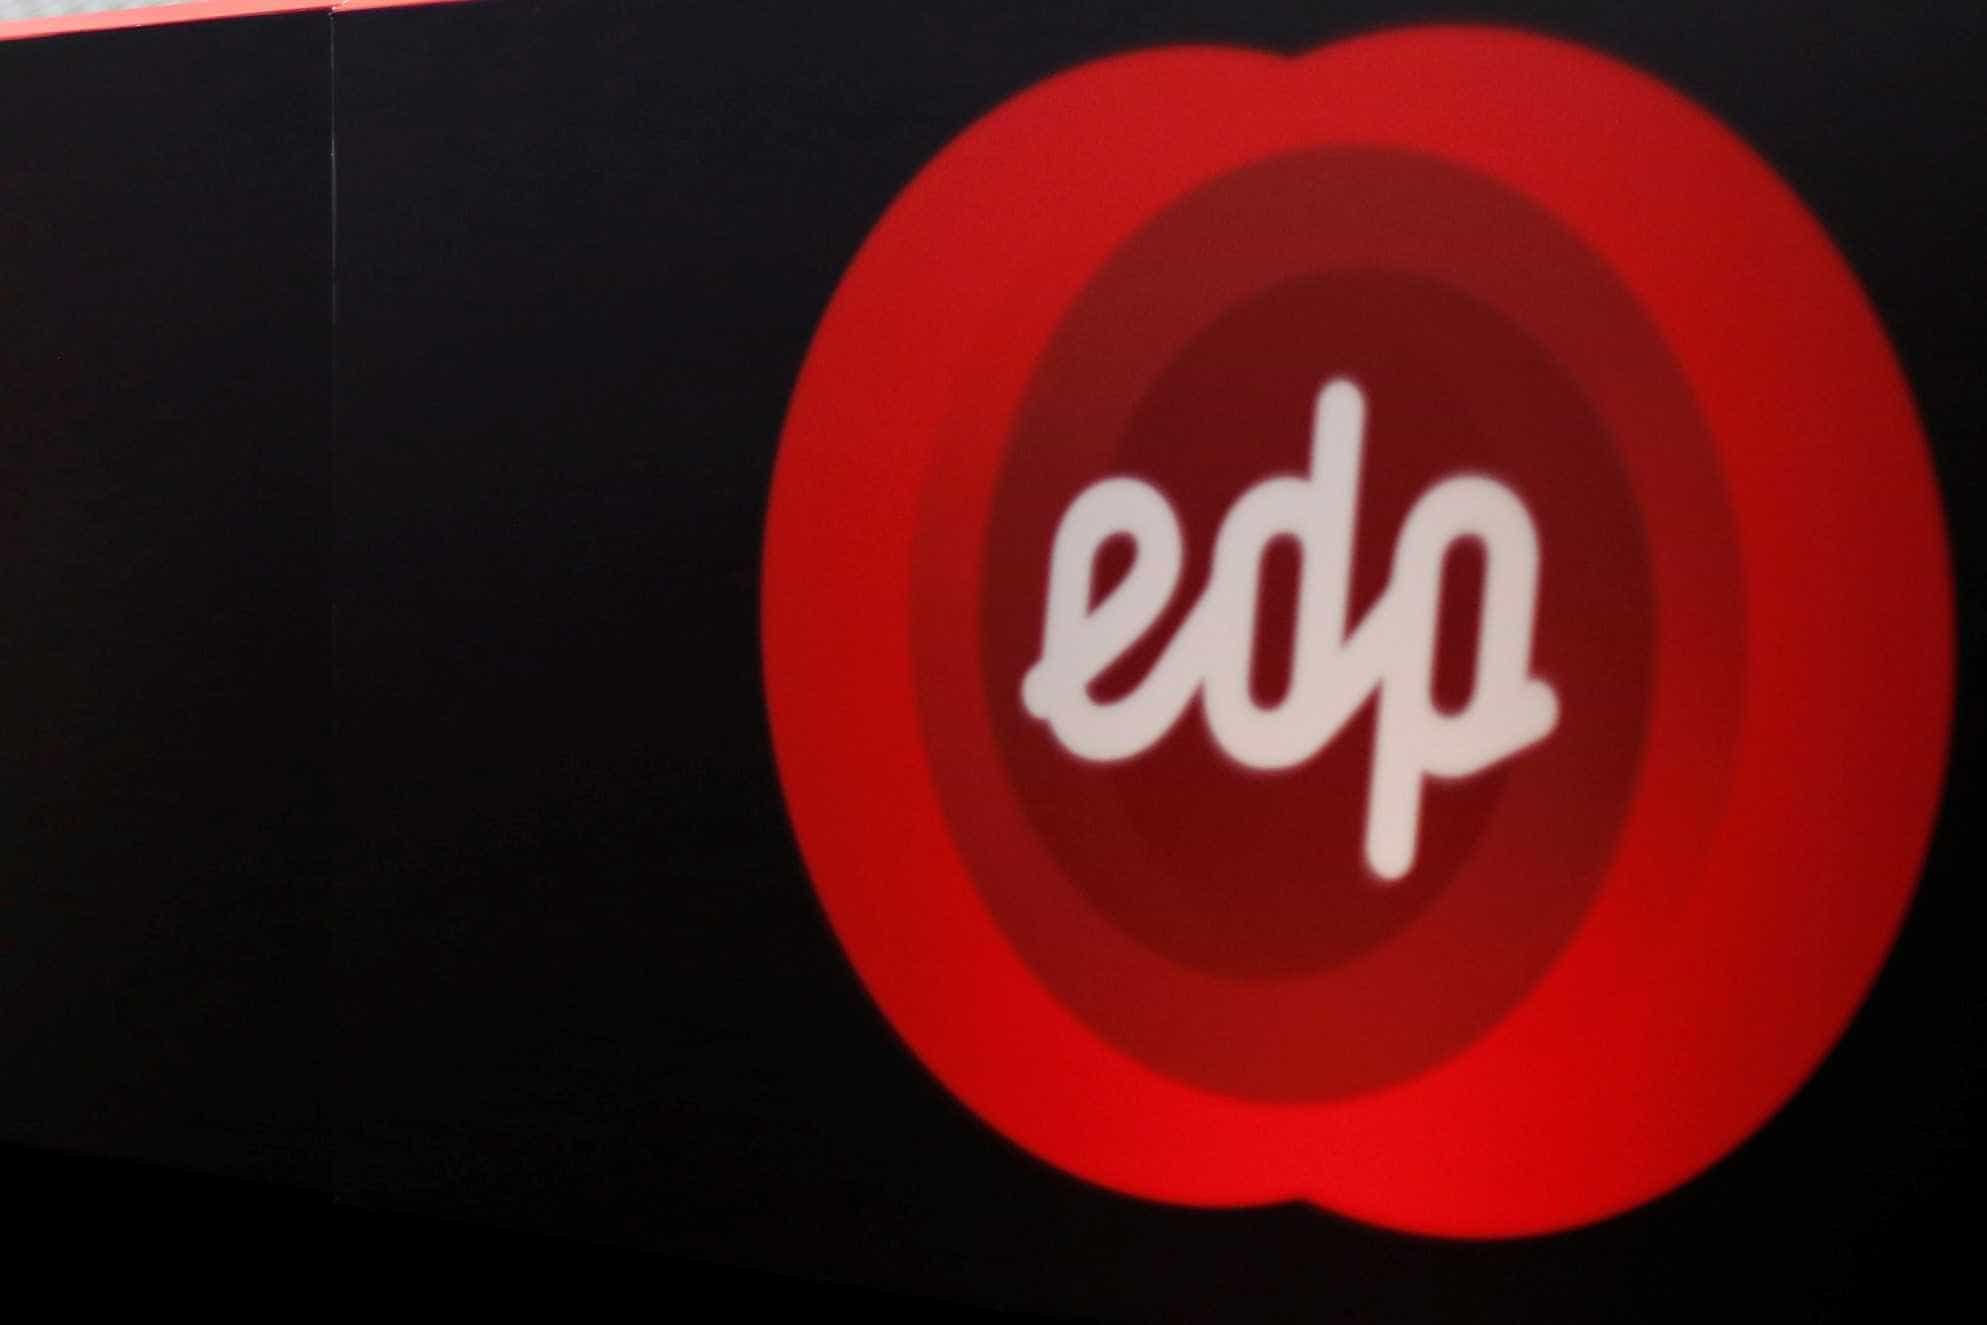 EDP vende mini-hídricas num negócio avaliado em 164 milhões